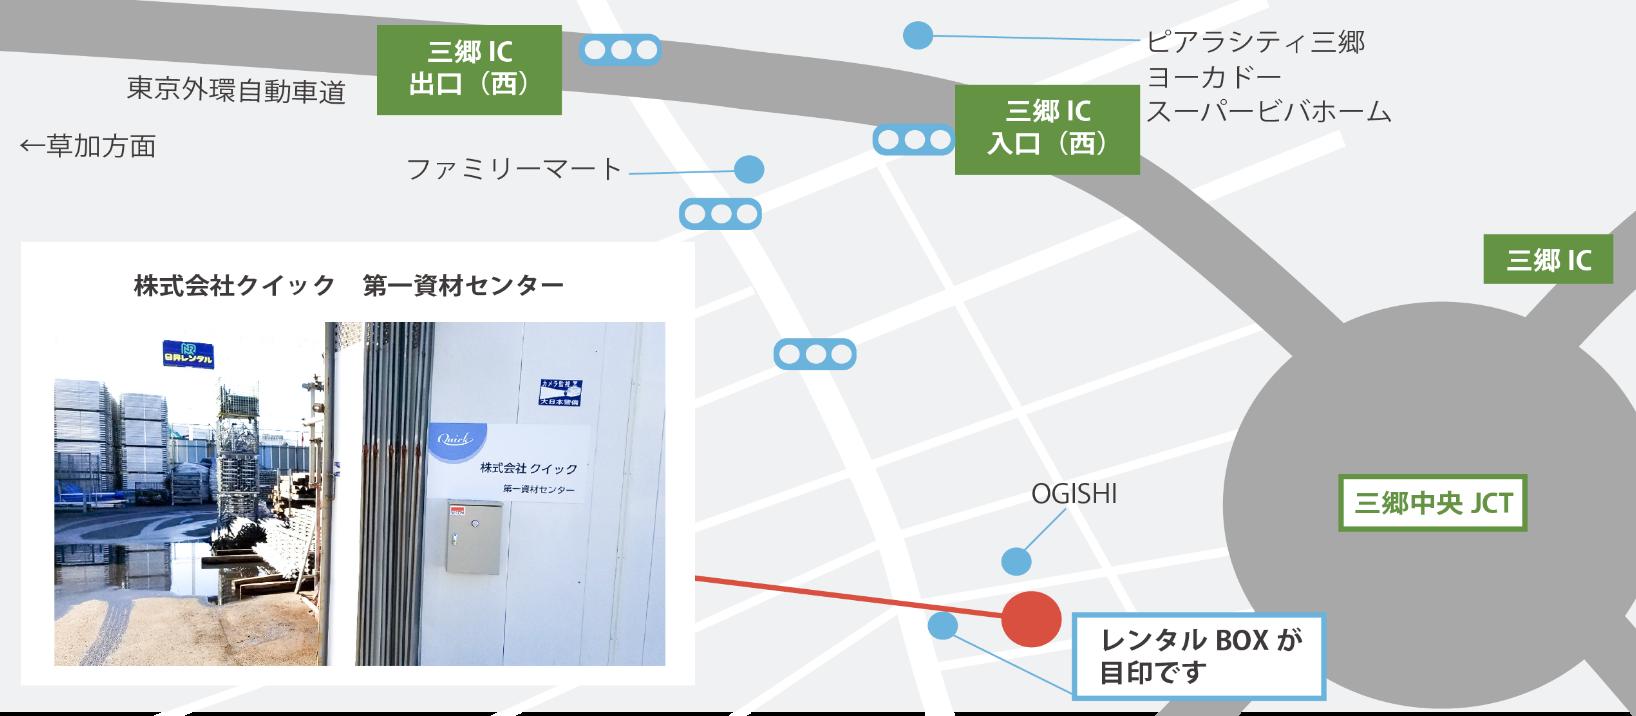 三郷IC出口(西)からお越しになった場合三郷IC出口(西)の信号を越え、東京外環自動車道を潜り、直線のまま信号を2つ越えます。2つ目の信号を越え、左の道の4本目を左に曲がります。曲がる左斜め前のレンタルBOXが目印となります。左に曲がった後、左側にOGISHIの看板が見えましたら右側に資材センターがございます。